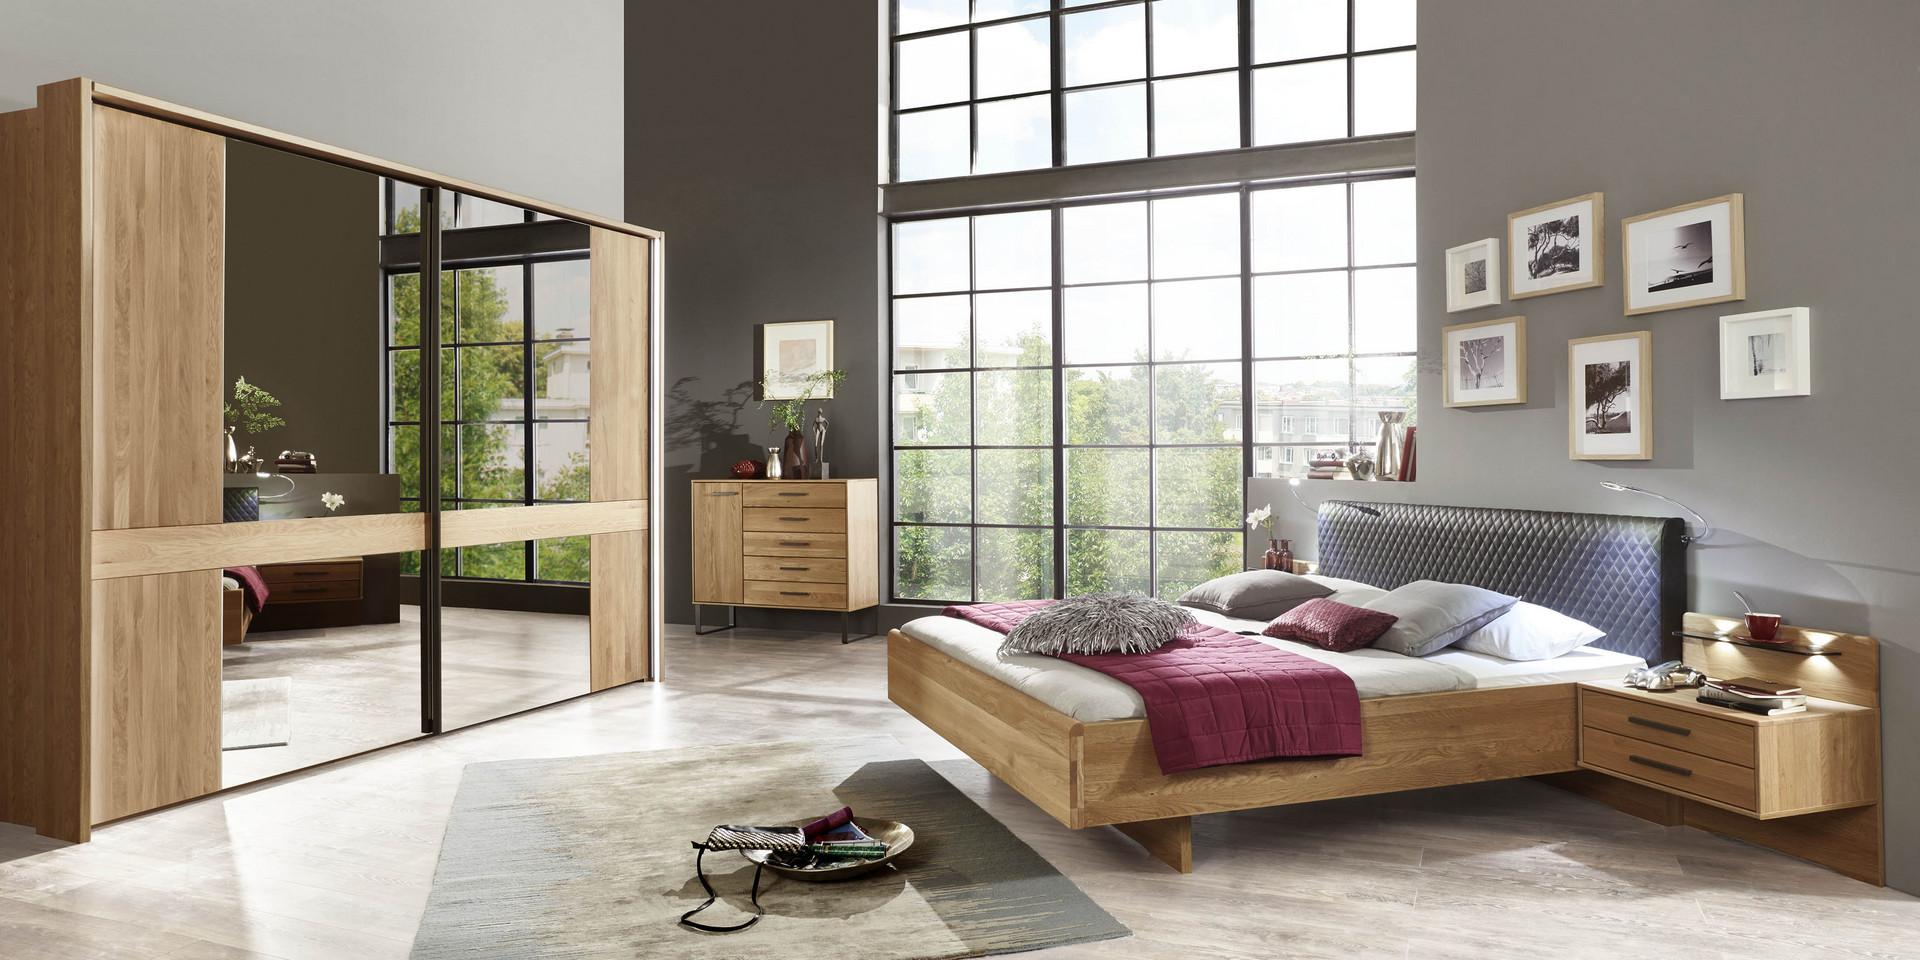 Full Size of Wiemann Schlafzimmer Entdecken Sie Hier Das Programm Turin Mbelhersteller Teppich Vorhänge Mit überbau Weißes Komplette Regal Betten Komplett Weiß Schlafzimmer Wiemann Schlafzimmer